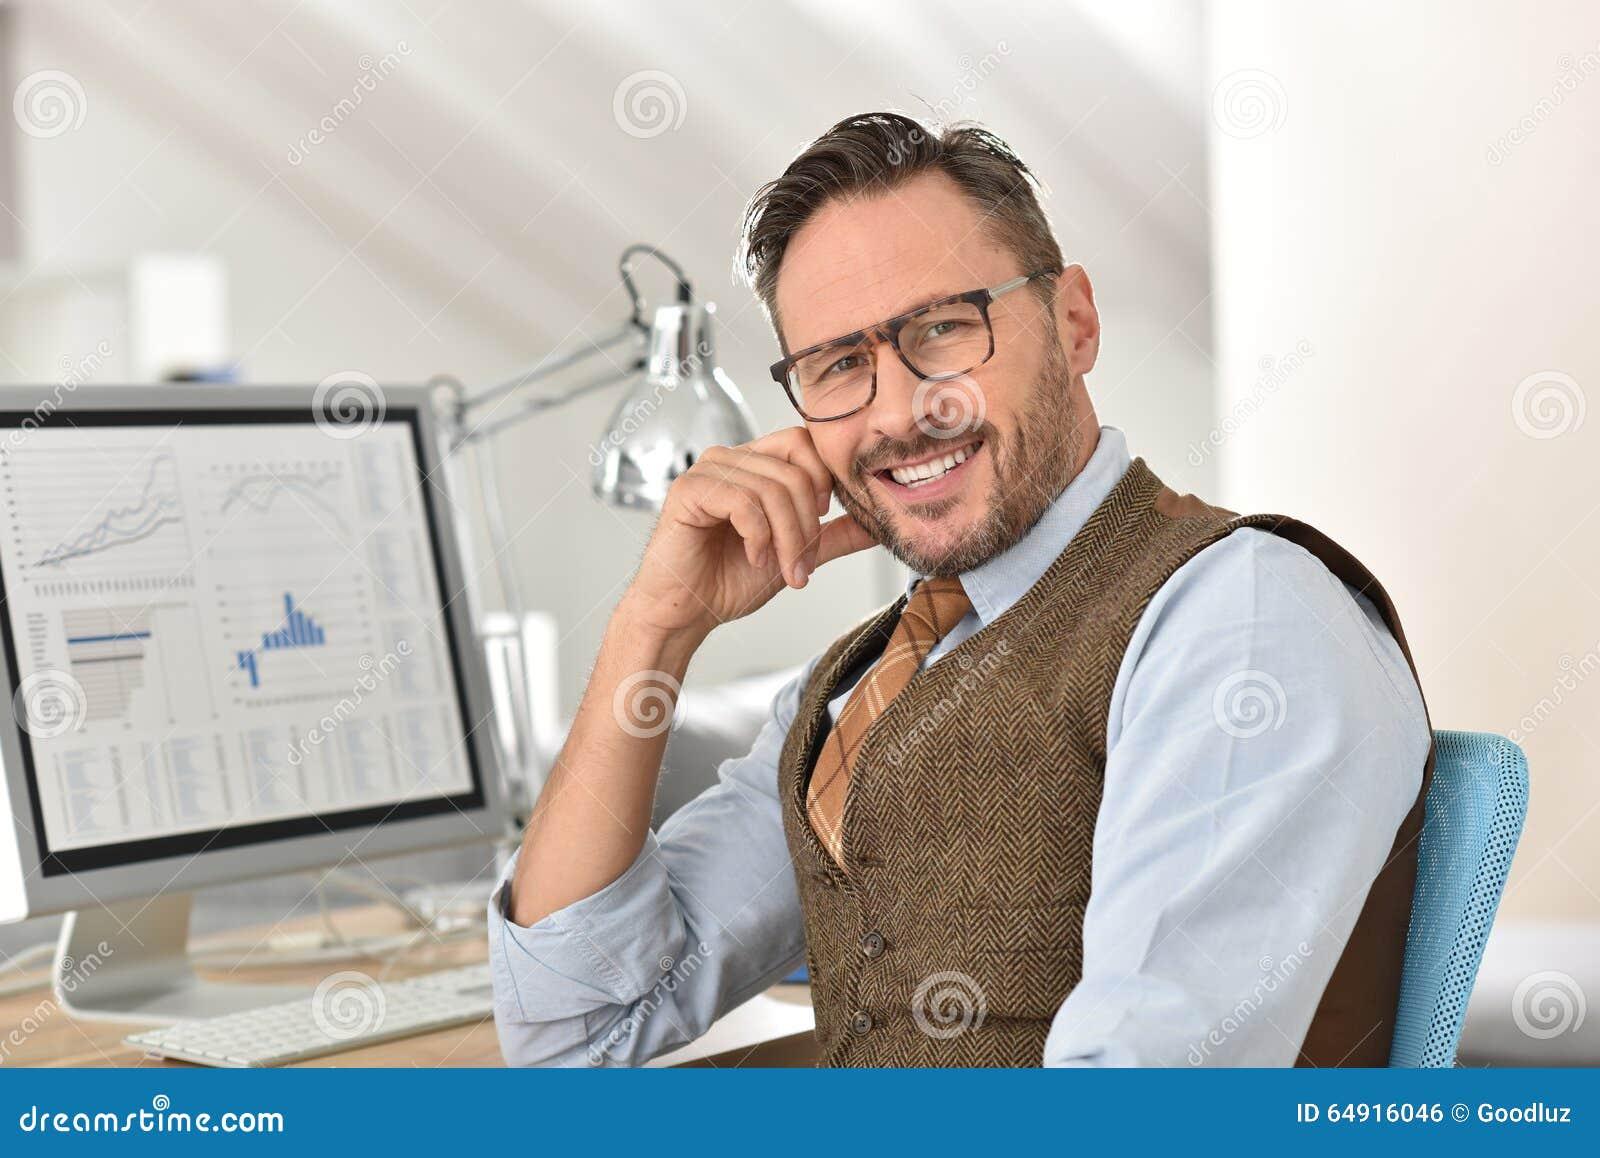 Image Result For Computer Eyeglasses